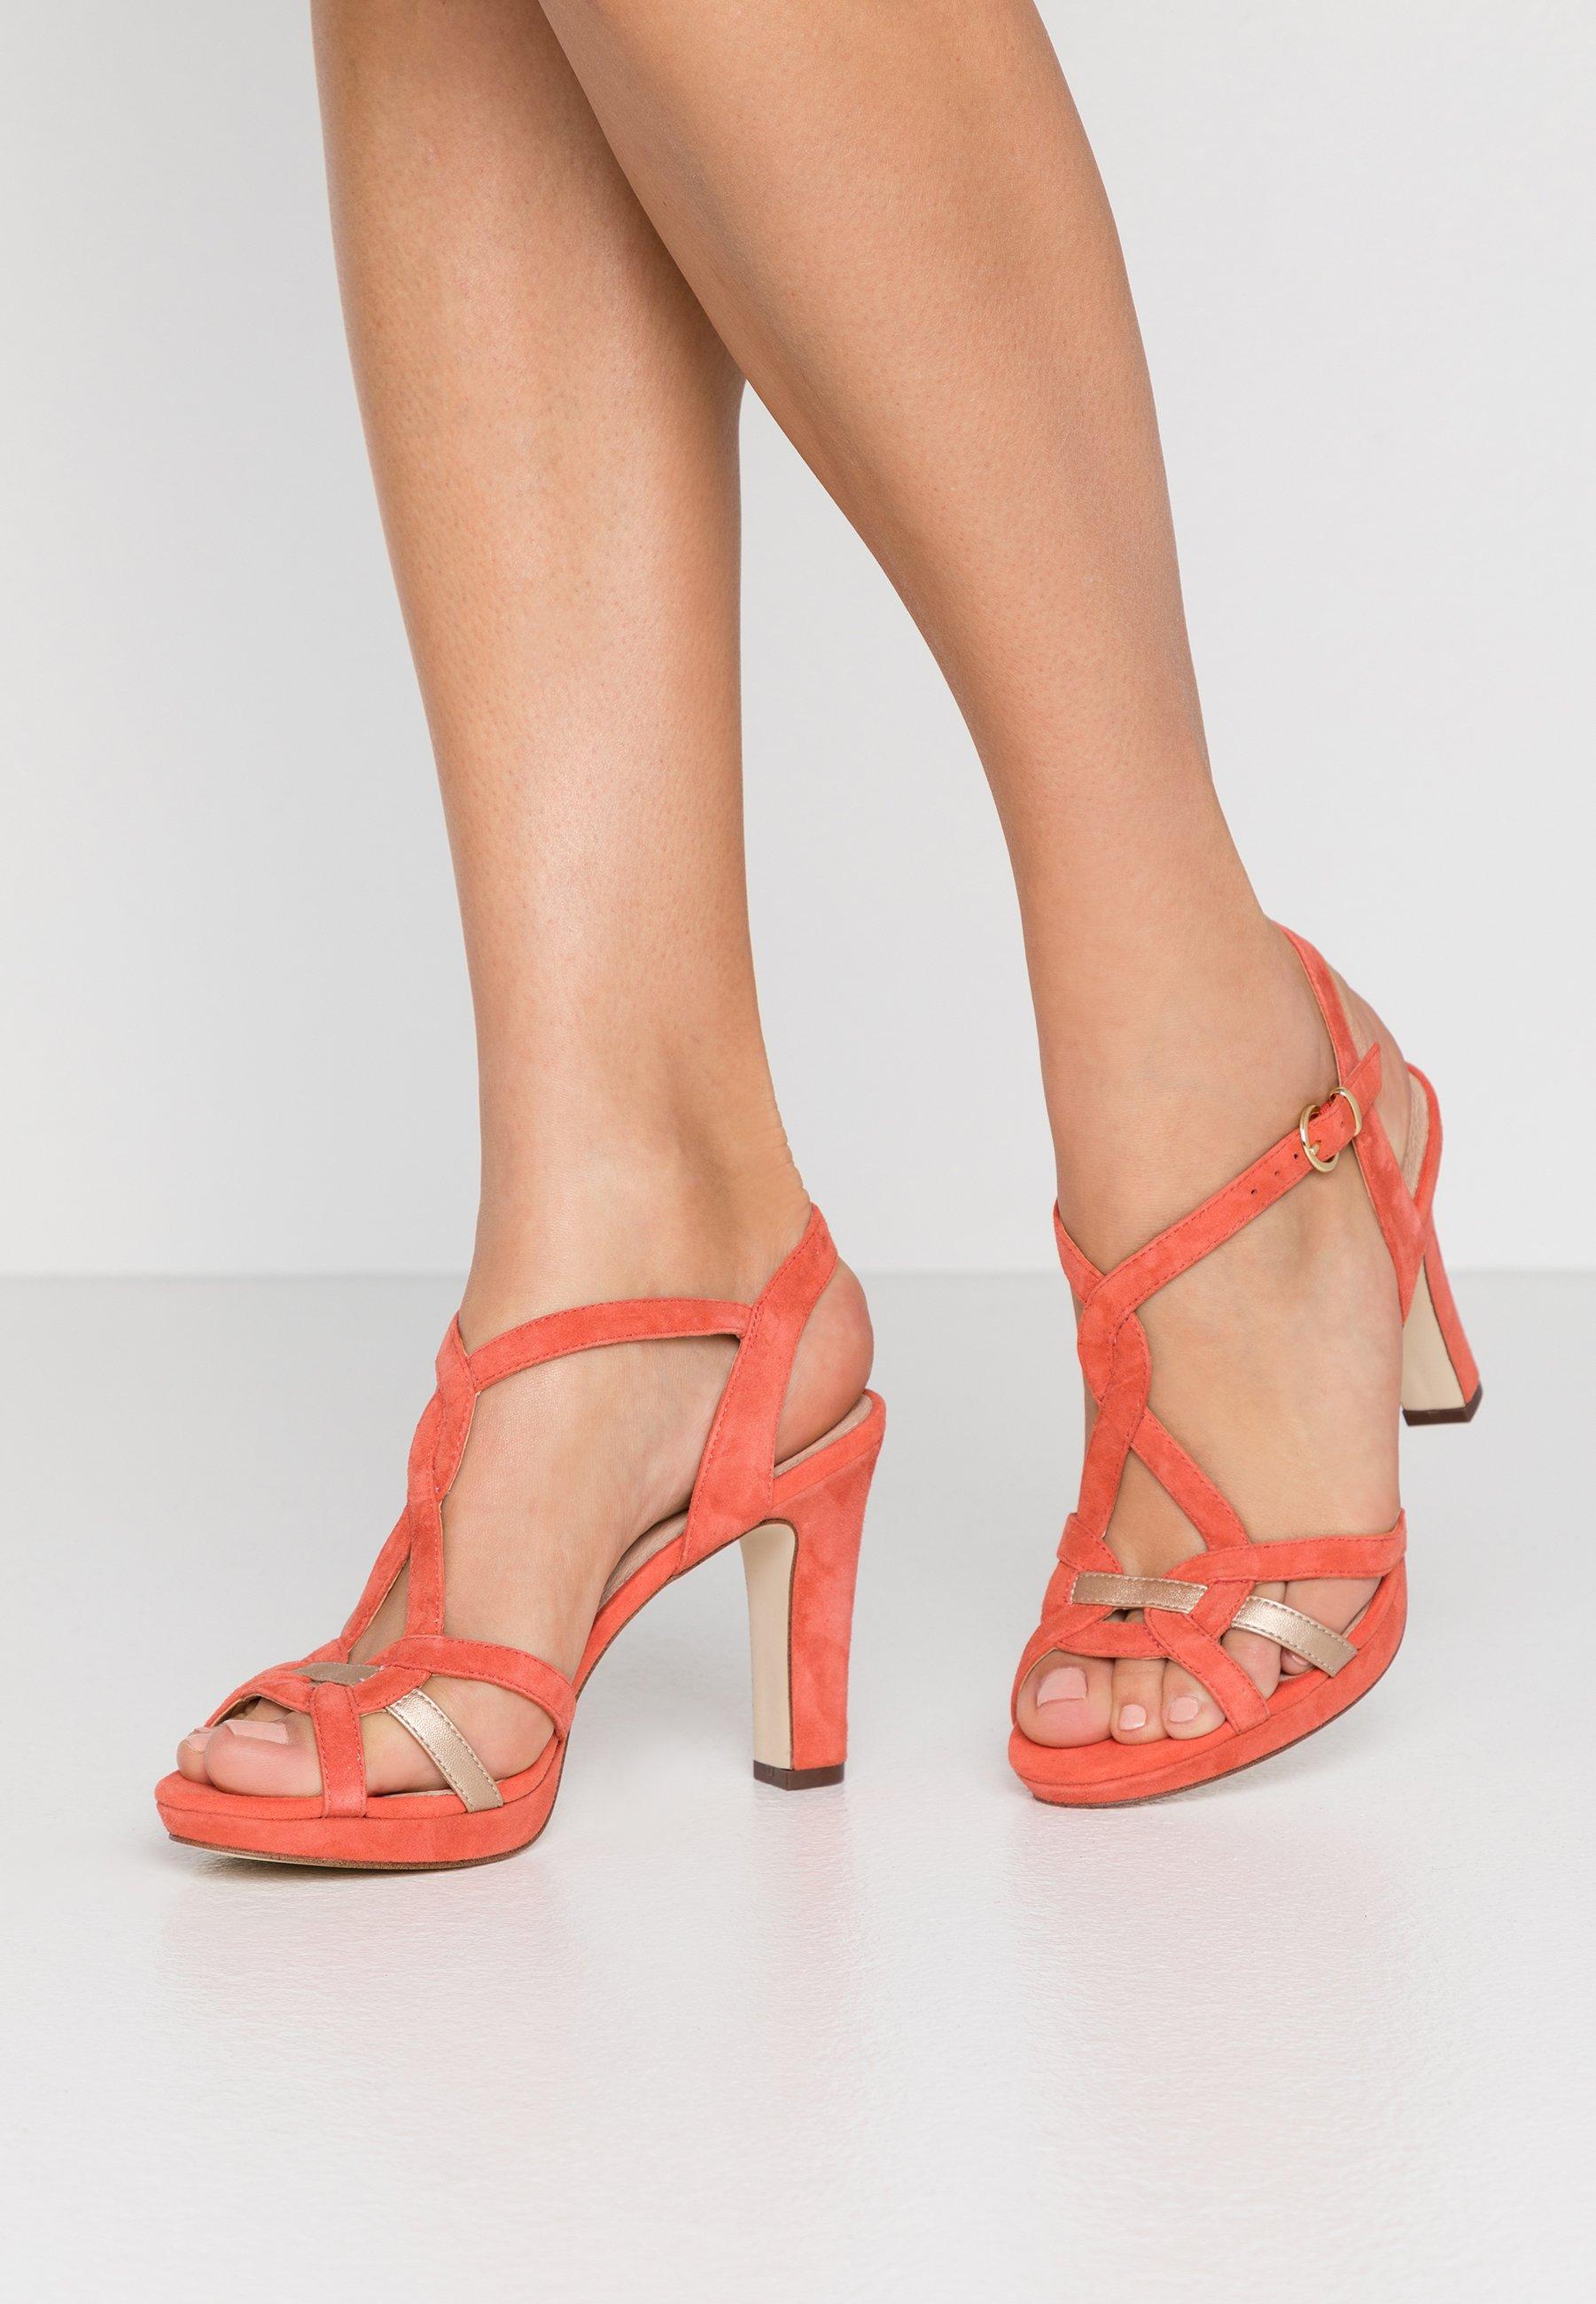 Sandali da donna rosso | La collezione su Zalando